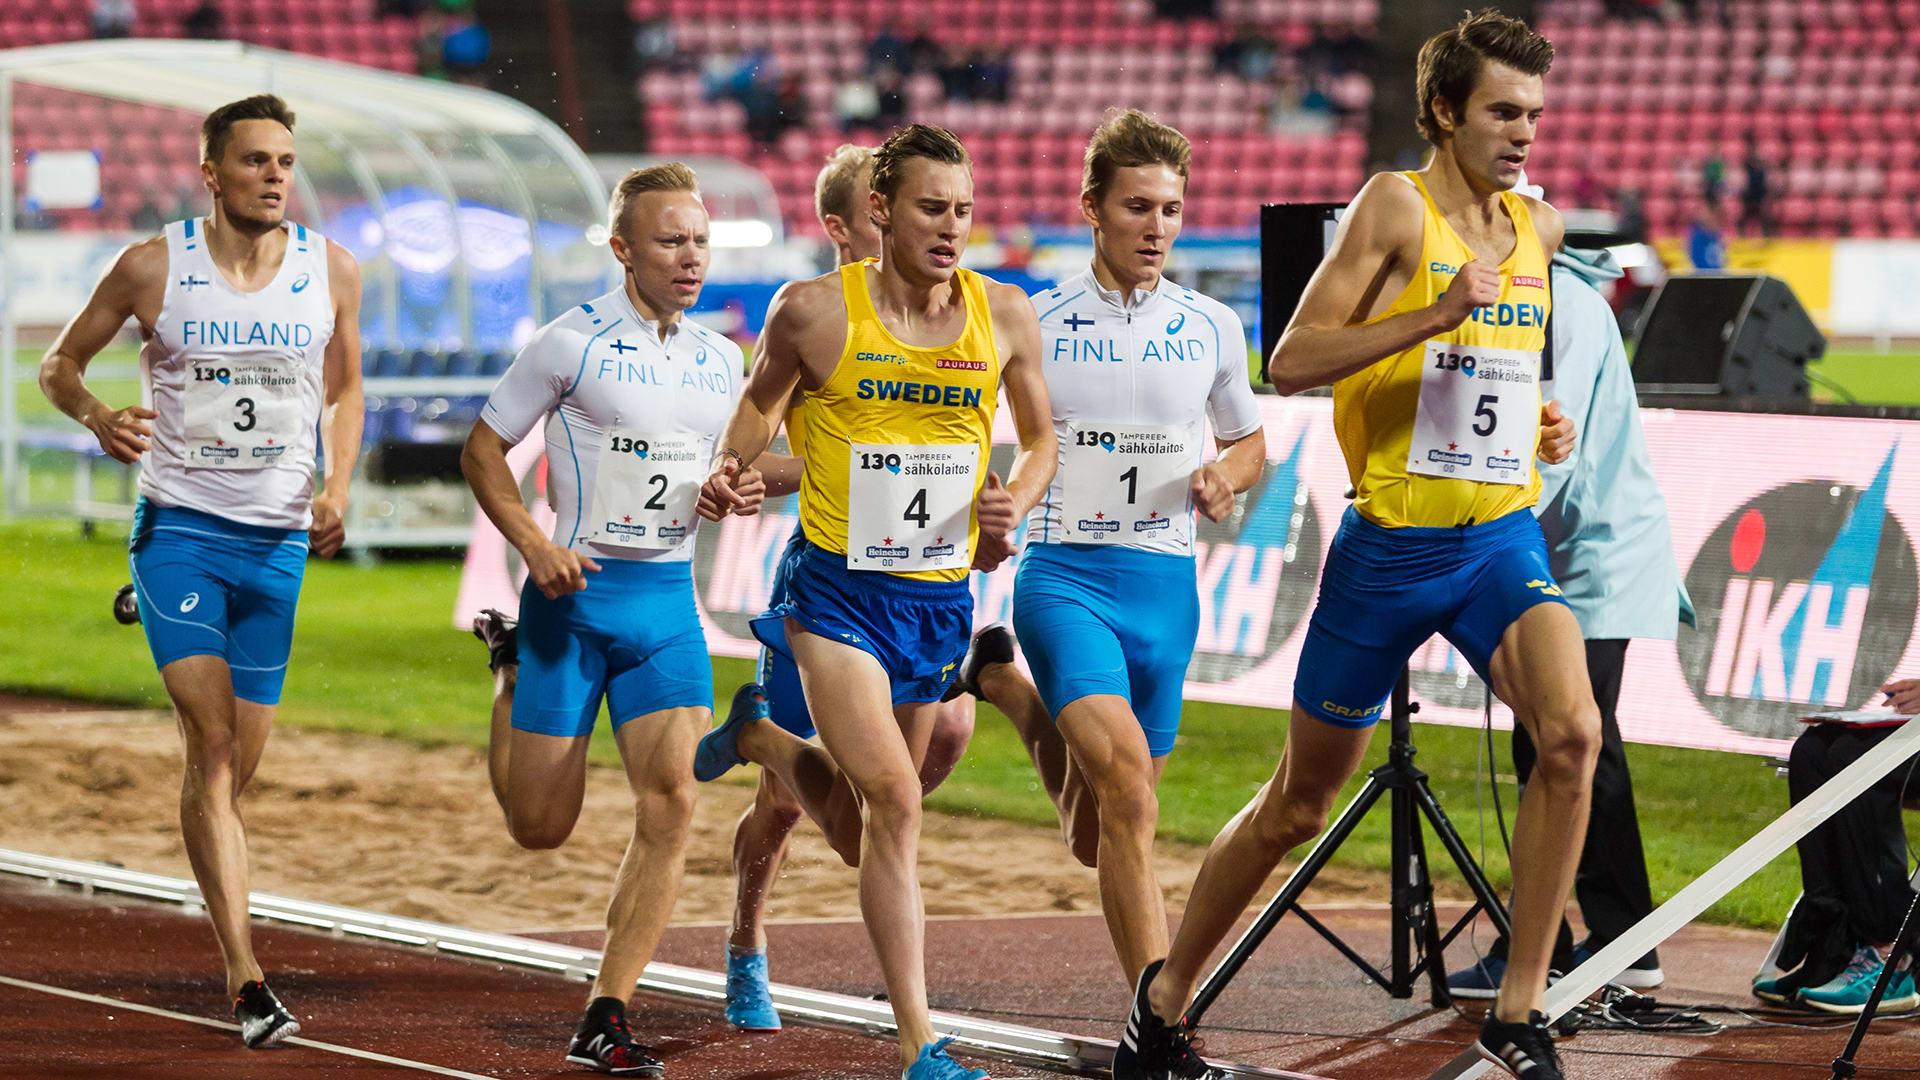 Yle Ruotsi